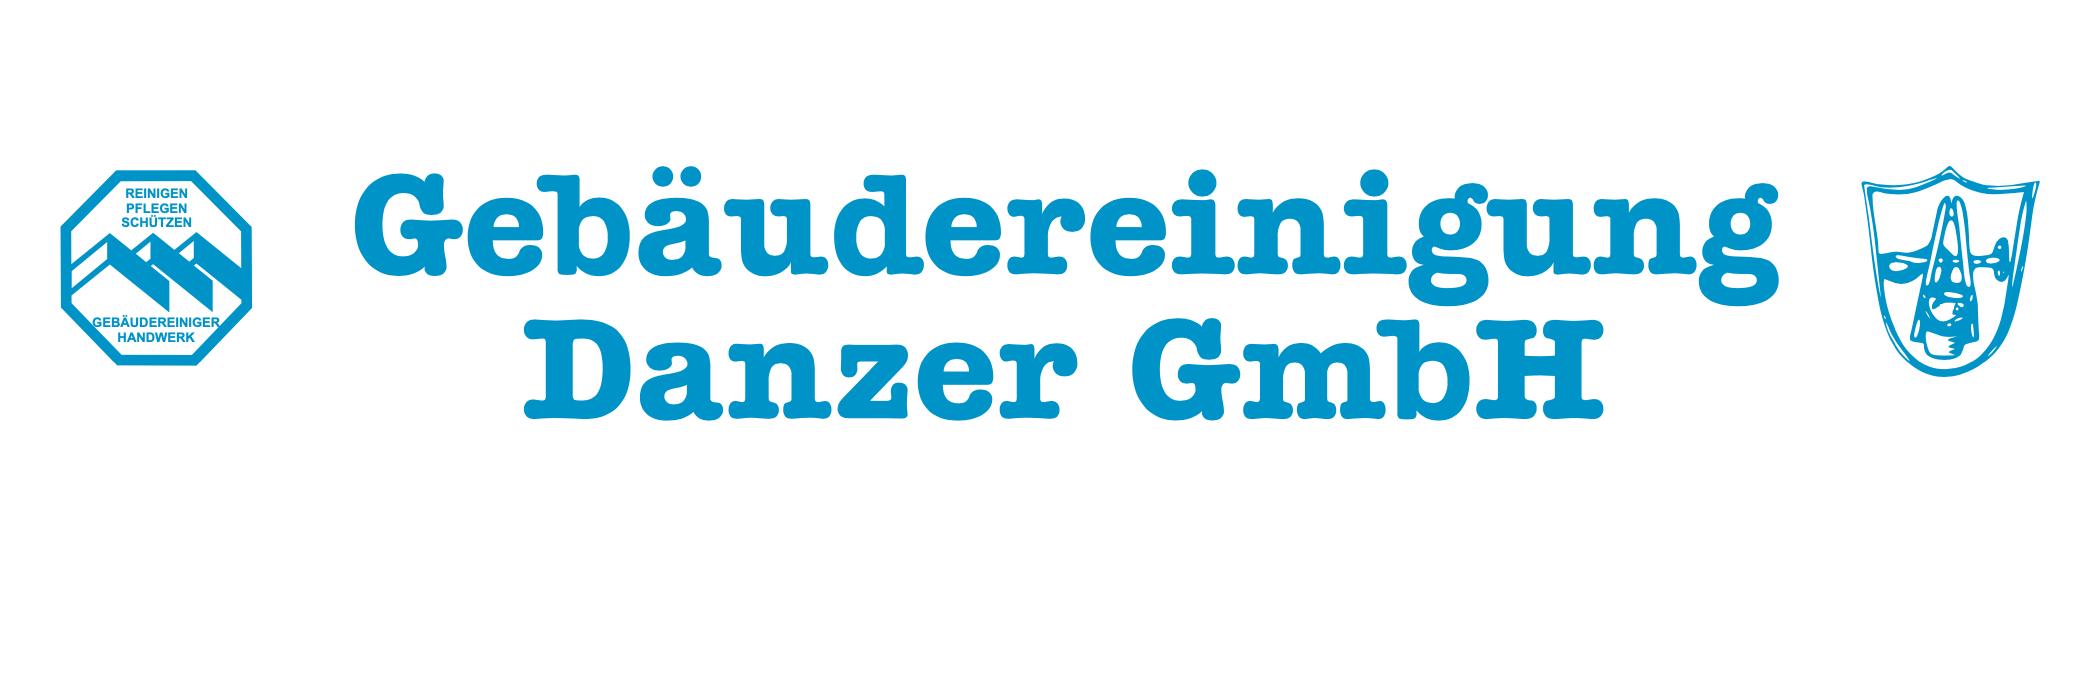 Gebäudereinigung Danzer GmbH